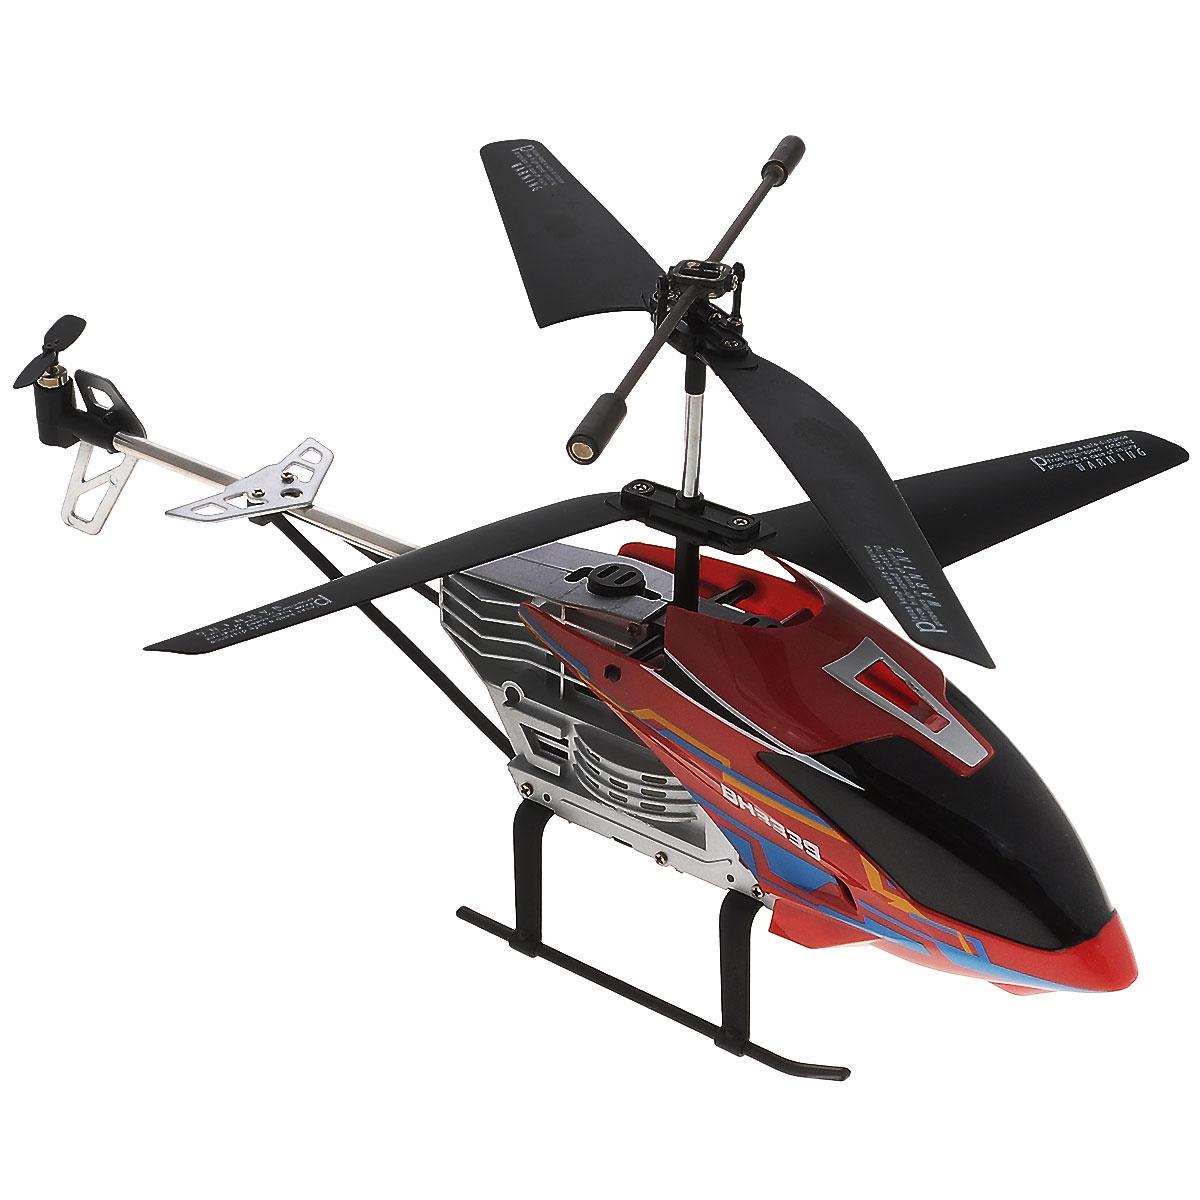 Властелин небес Вертолет на радиоуправлении Крепыш цвет красныйBH 3339redСверхпрочные вертолеты на инфракрасном управлении с каждым днем набирают все больше популярности, ведь это идеальная летающая игрушка для новичков, так как прочный корпус не позволит ей сломаться, пока ребенок будет врезаться в предметы в процессе обучения управлению этим чудом техники. Вертолет Крепыш купить в качестве подарка будет отличной идеей для всех тех, для кого это станет первой летающей игрушкой на дистанционном управлении. Легкий и прочный корпус красного цвета не даст вертолету разбиться в процессе полета, а еще он позволяет игрушке выдержать вес до 100 кг, что не позволит ей сломаться, если на нее случайно наступит взрослый человек. Трехканальное управление не вызывает особых сложностей и позволяет научиться управлять вертолетом достаточно быстро, а гироскоп стабилизирует полет и поспособствует более комфортному управлению. В течении 6-9 минут вертолет может находиться в активном режиме и улетать на 20 метров от пульта управления, после чего ему...